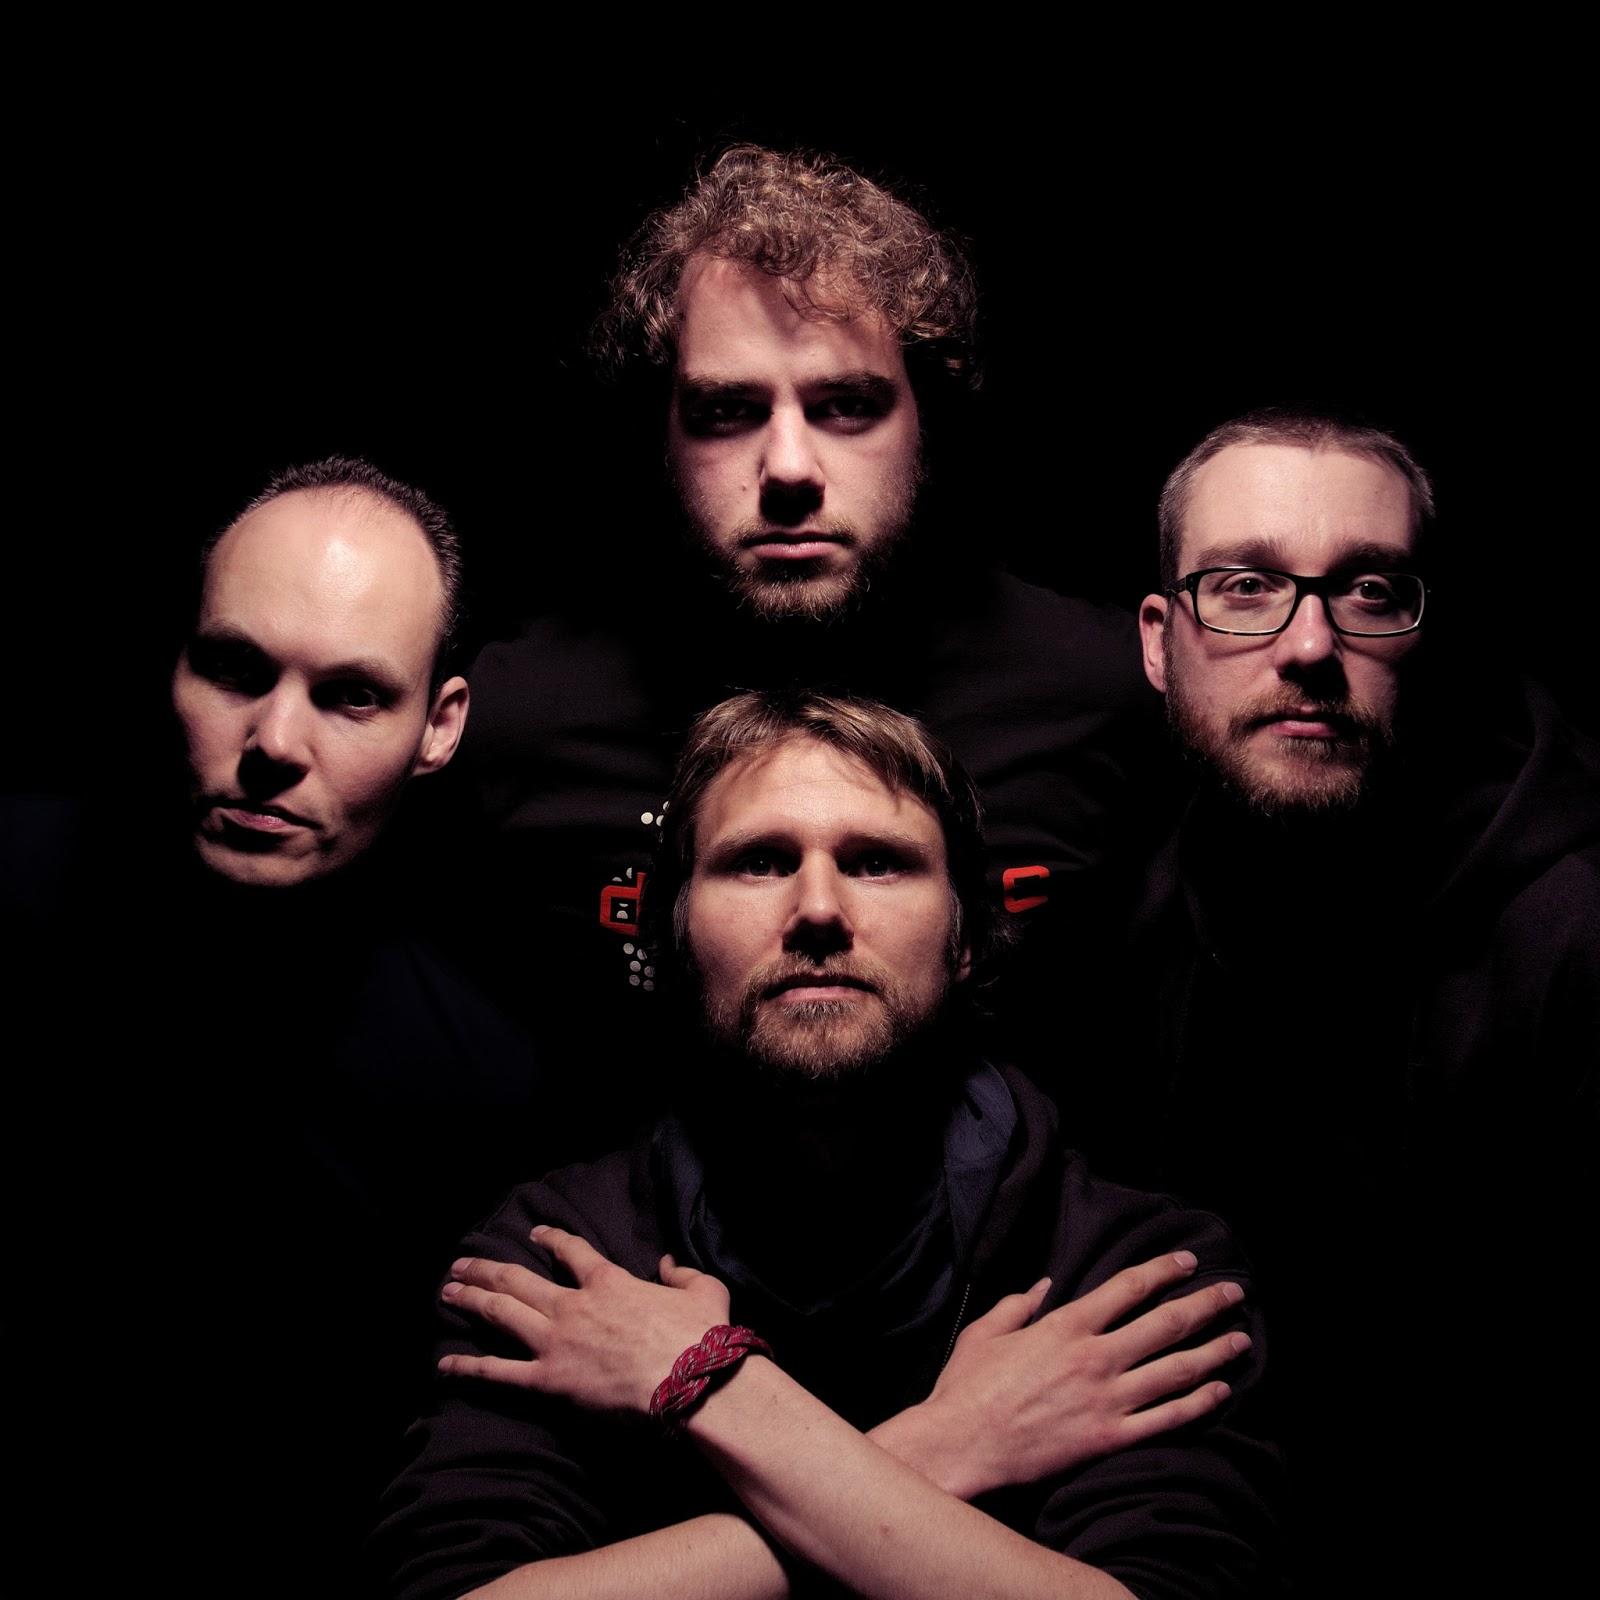 darktable group portrait queen album cover mick rock Pat David